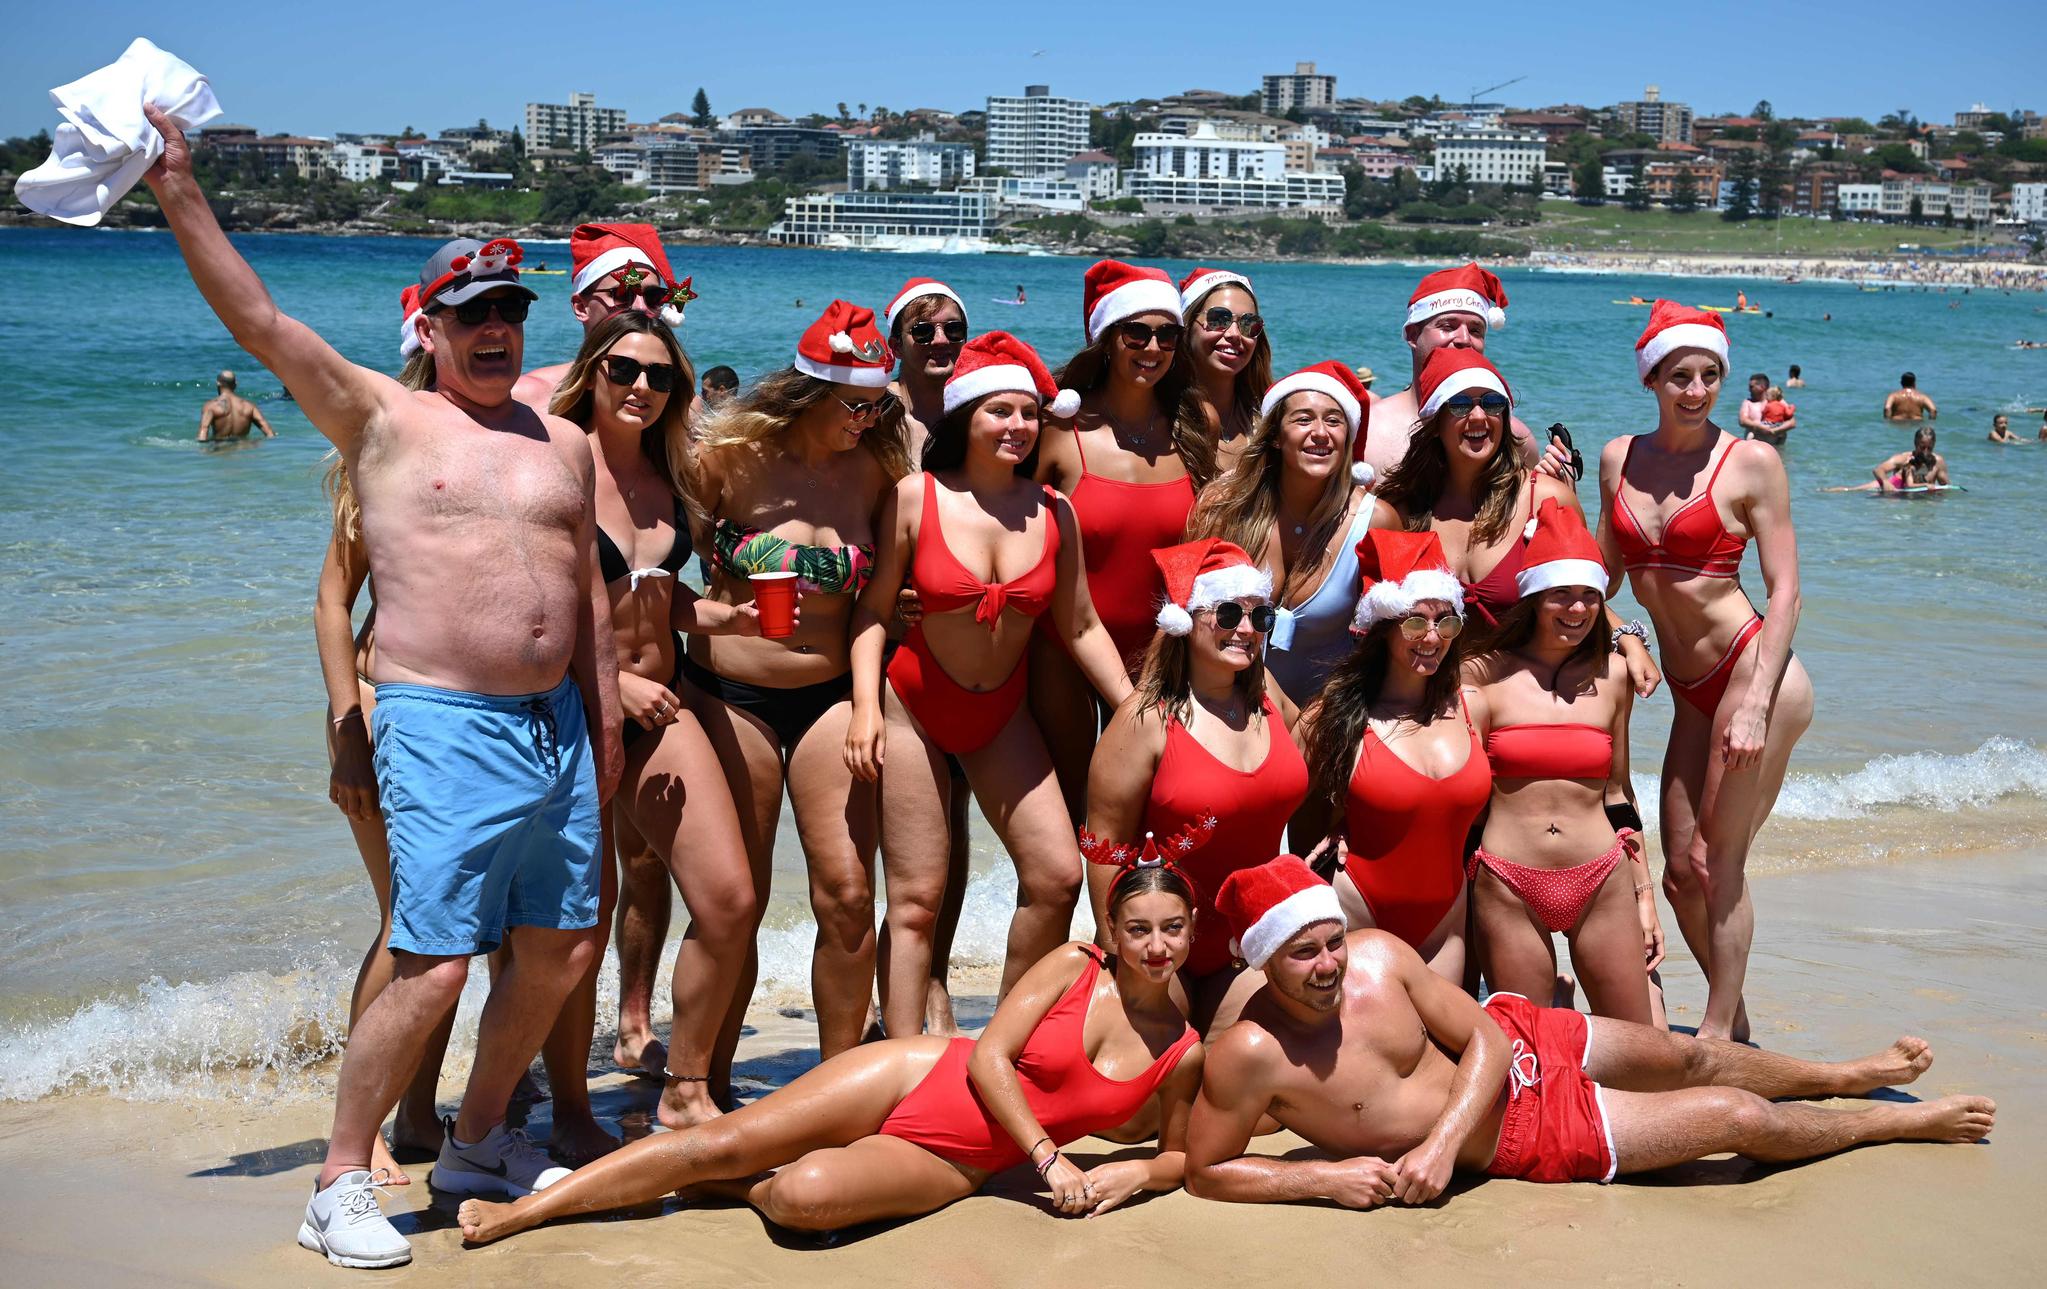 관광객들이 25일(현지시간) 호주 시드니 본다이 비치에서 산타 모자와 비키니 수영복을 입고 기념촬영하고 있다. [AFP=연합뉴스]